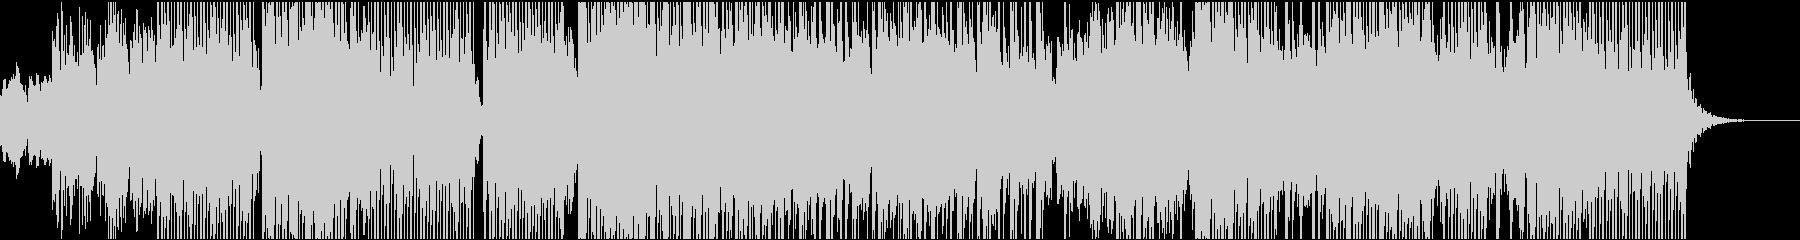 電子オルガンダンスミュージックの未再生の波形